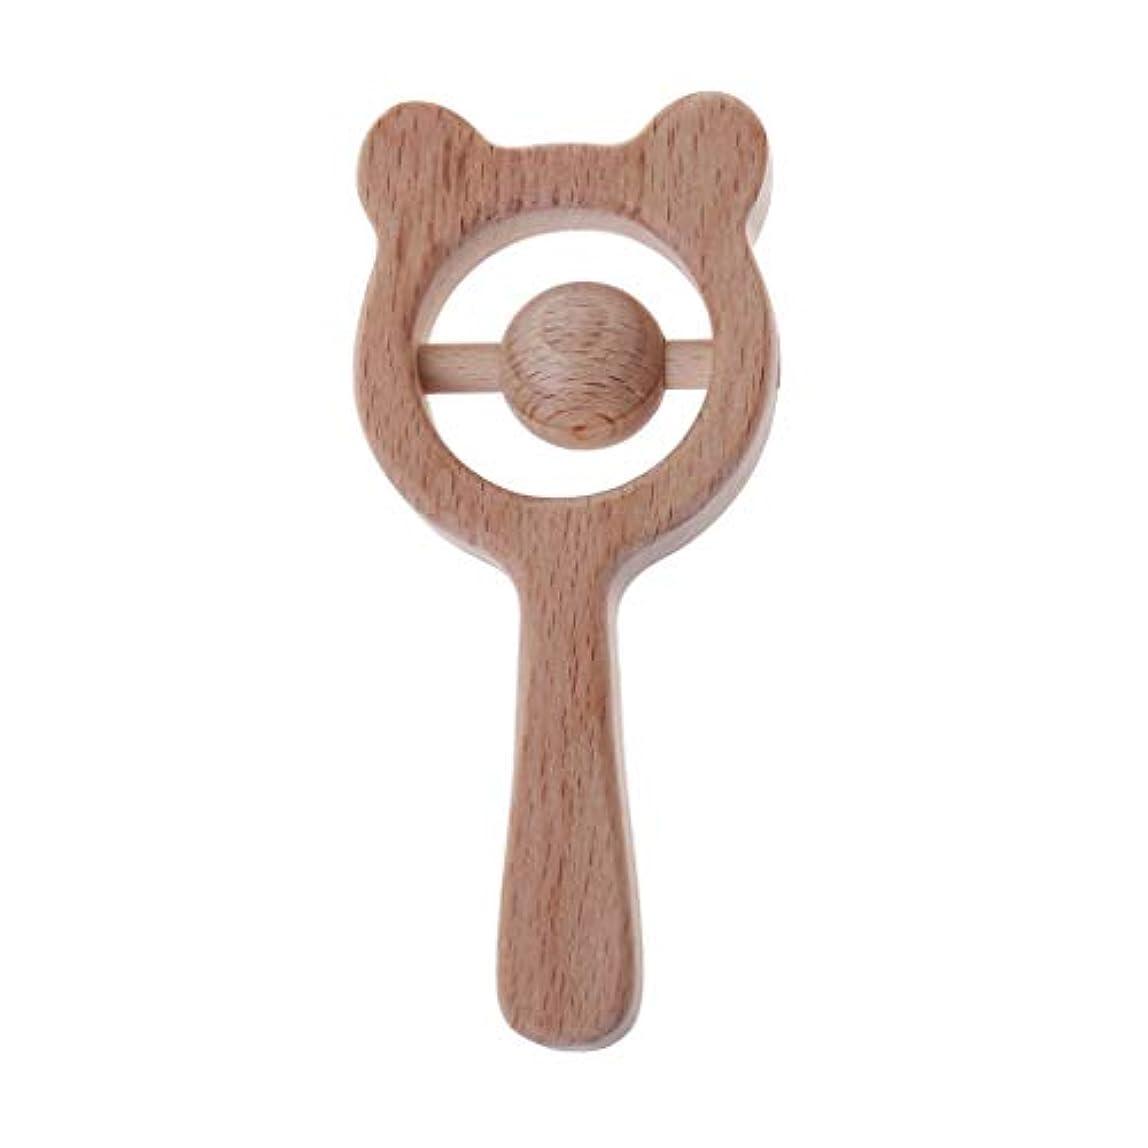 辞任するでも三番ランドウッドティーザーベイビーベアーティーザーガラガラベビー授乳玩具かむ玩具歯が生えるガラガラおもちゃ